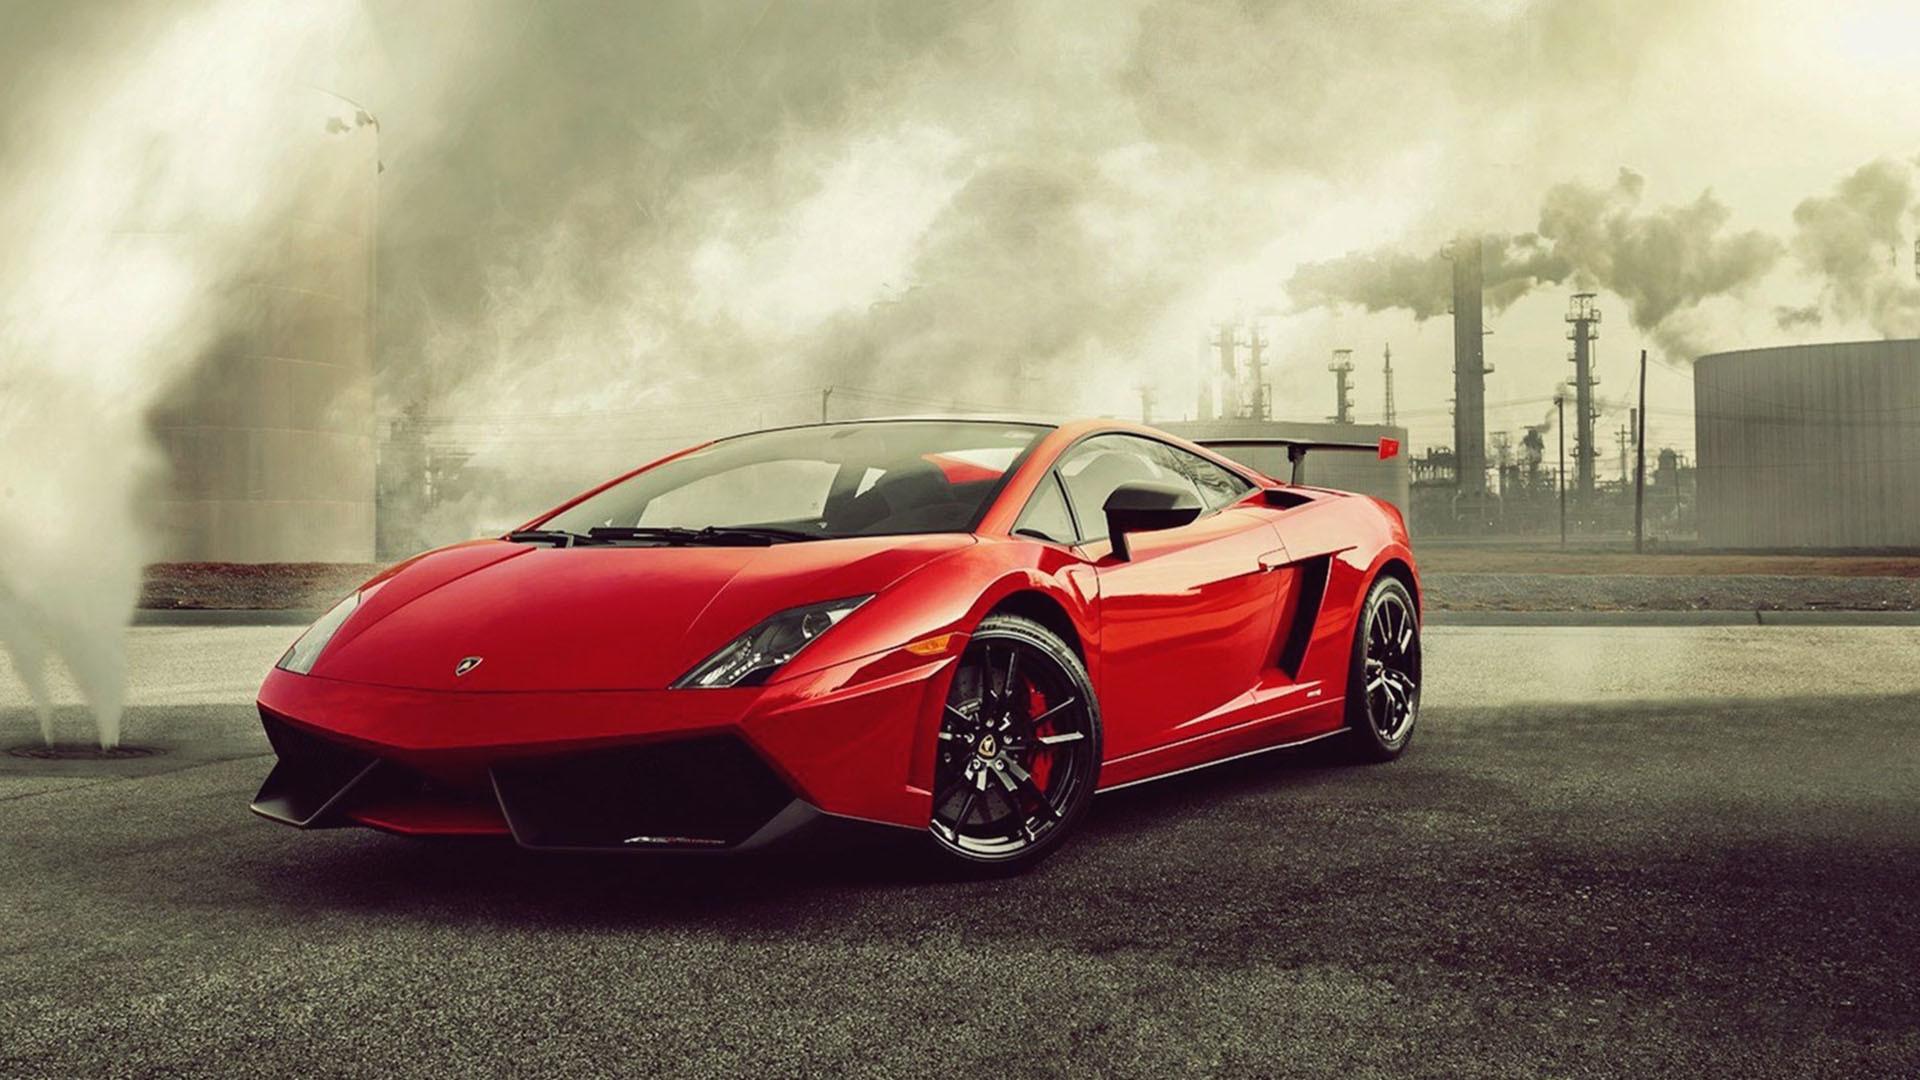 спортивный зеленый автомобиль Lamborghini  № 2996313 без смс